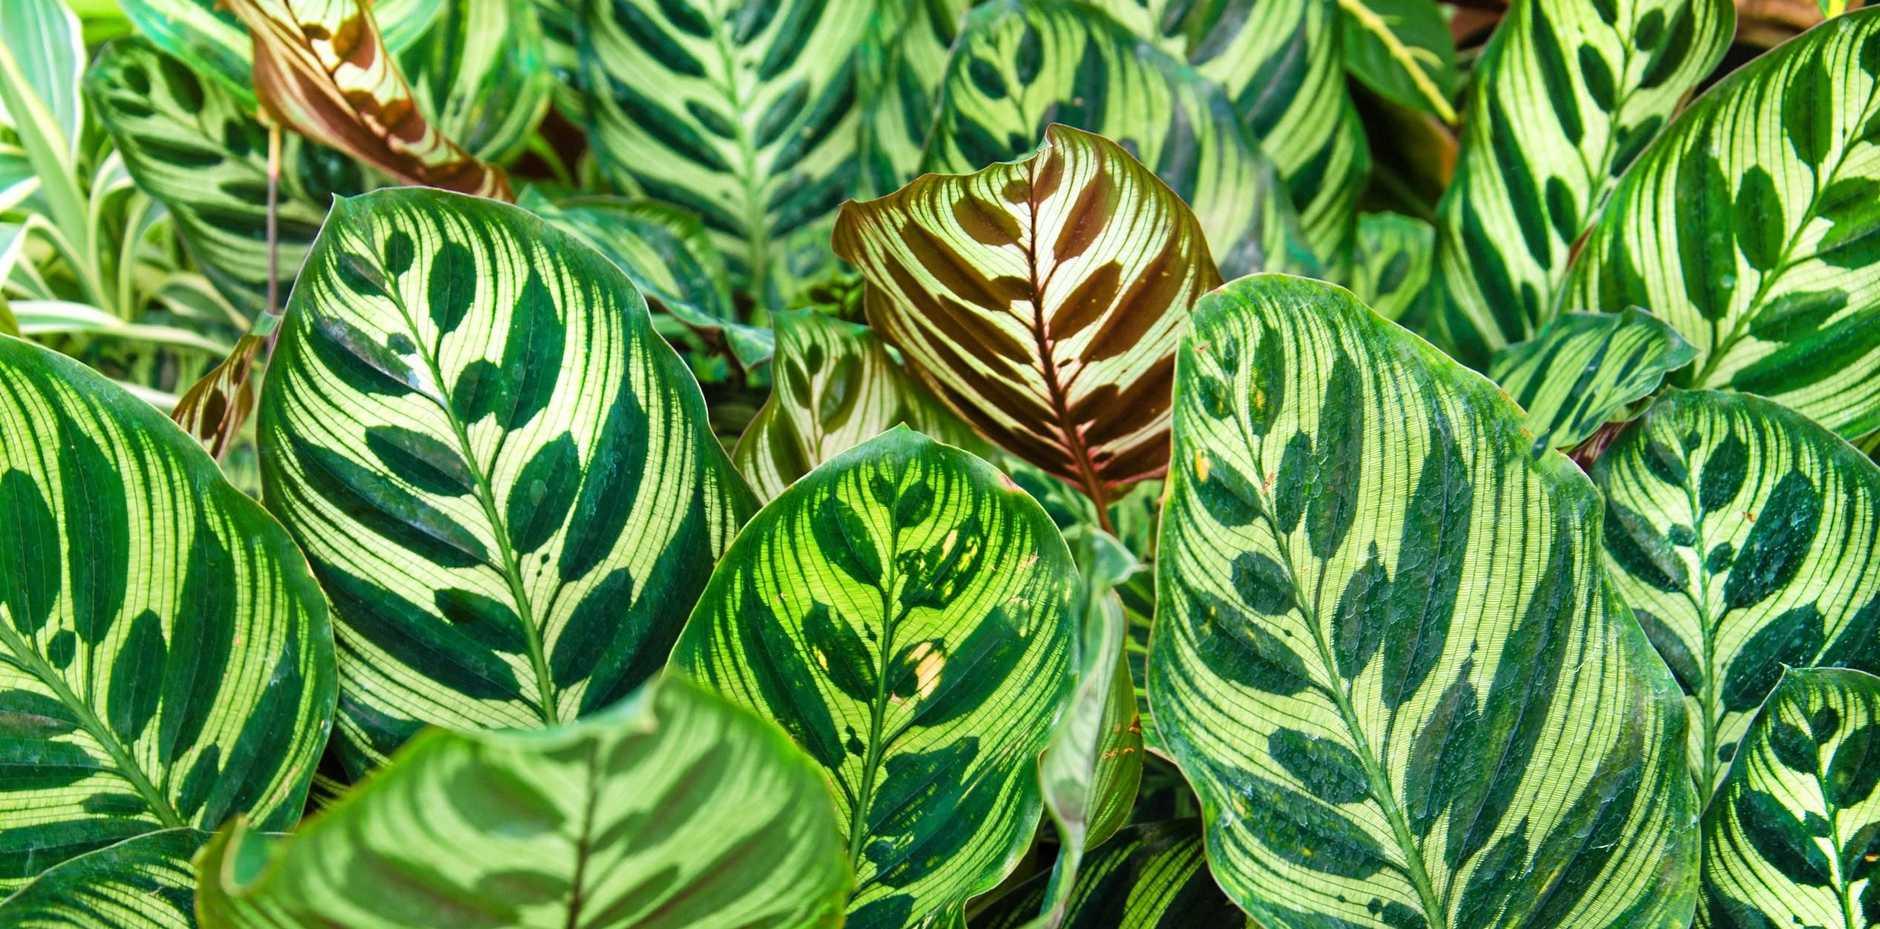 Peacock plants (Calathea makoyana).